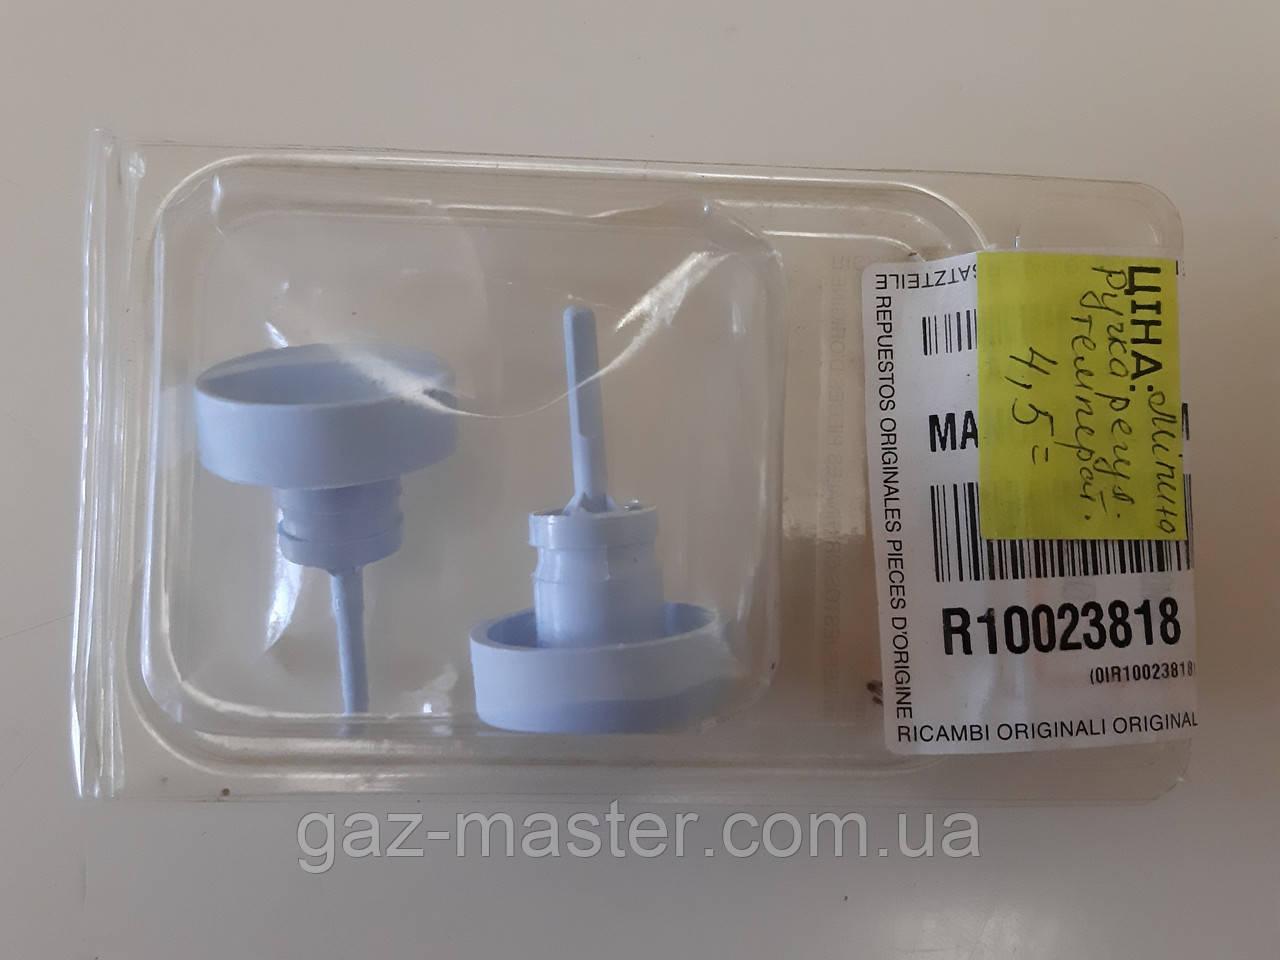 Ручка регулирования температуры Beretta R10023818